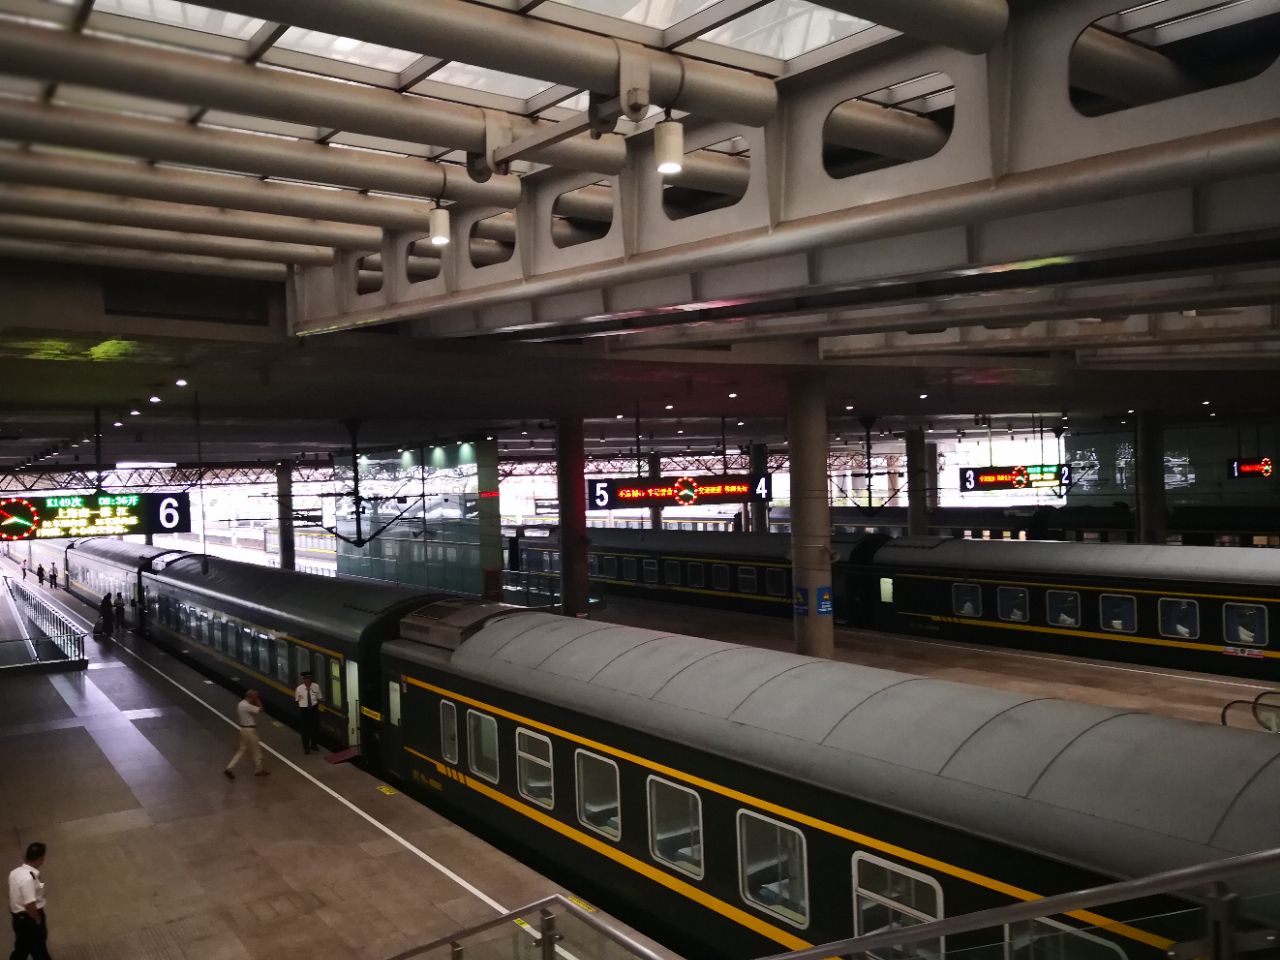 上海南站火车站_【携程攻略】上海南站怎么样/怎么去,上海南站用户